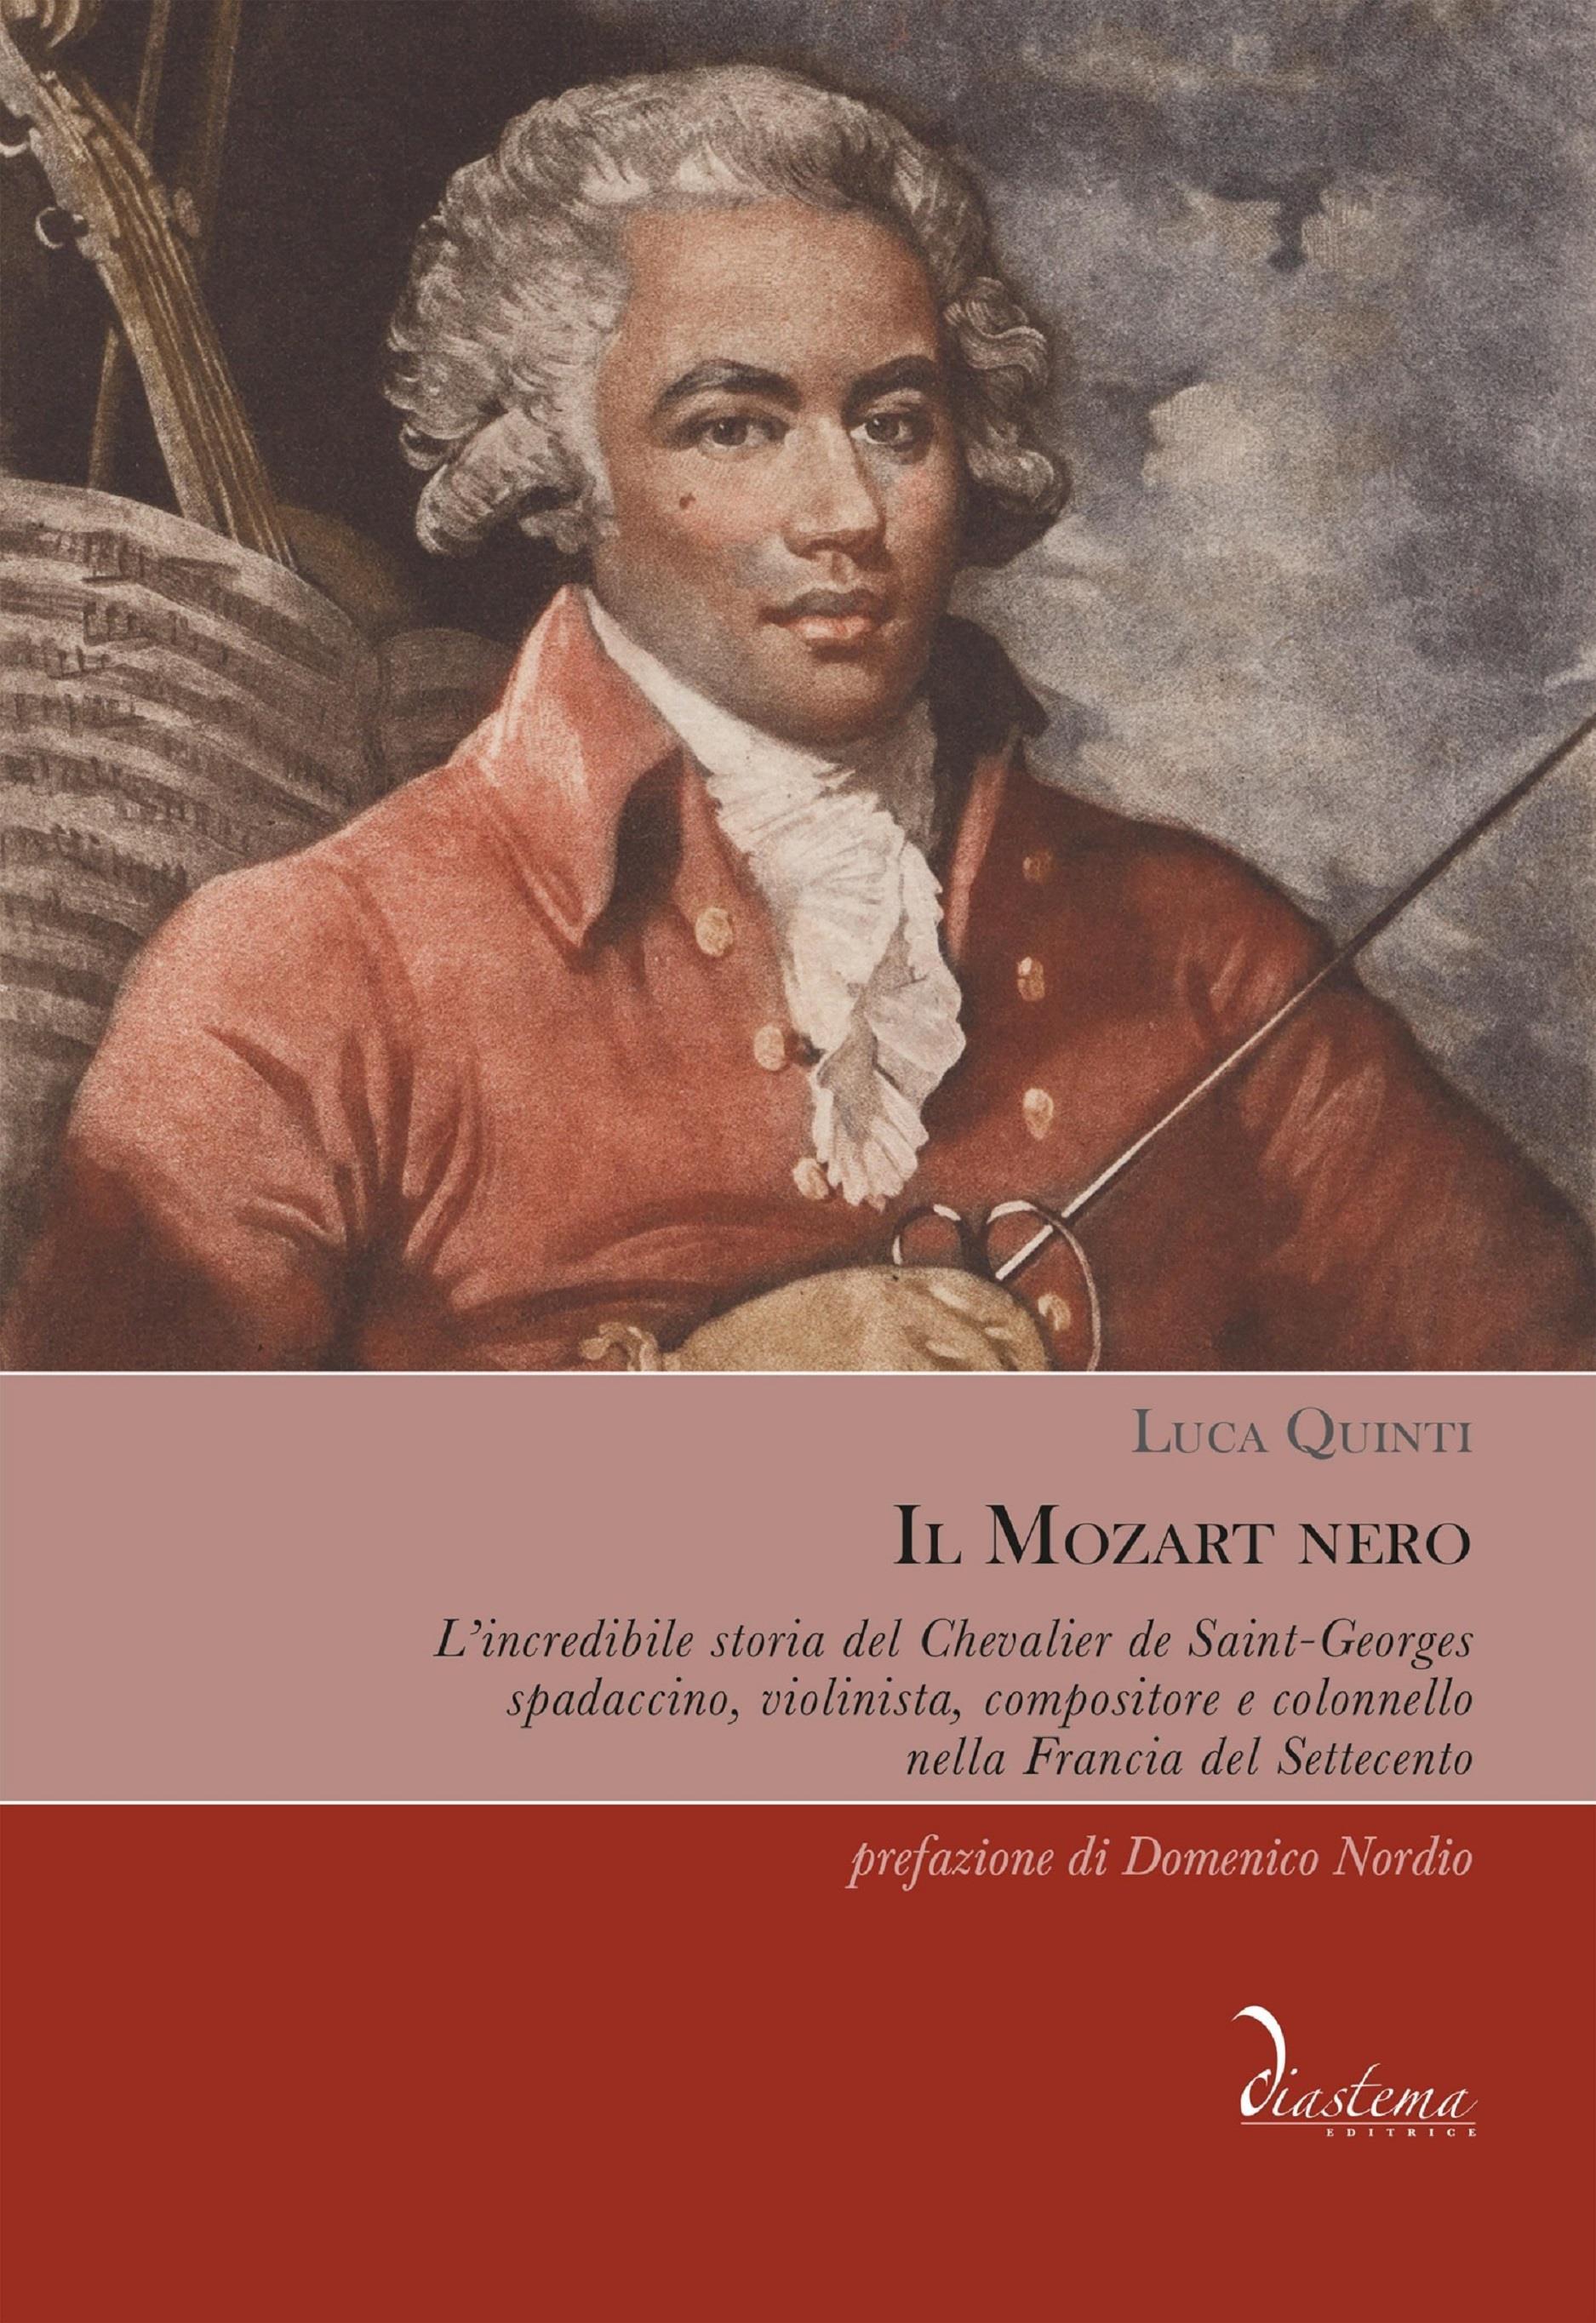 Mozart nero